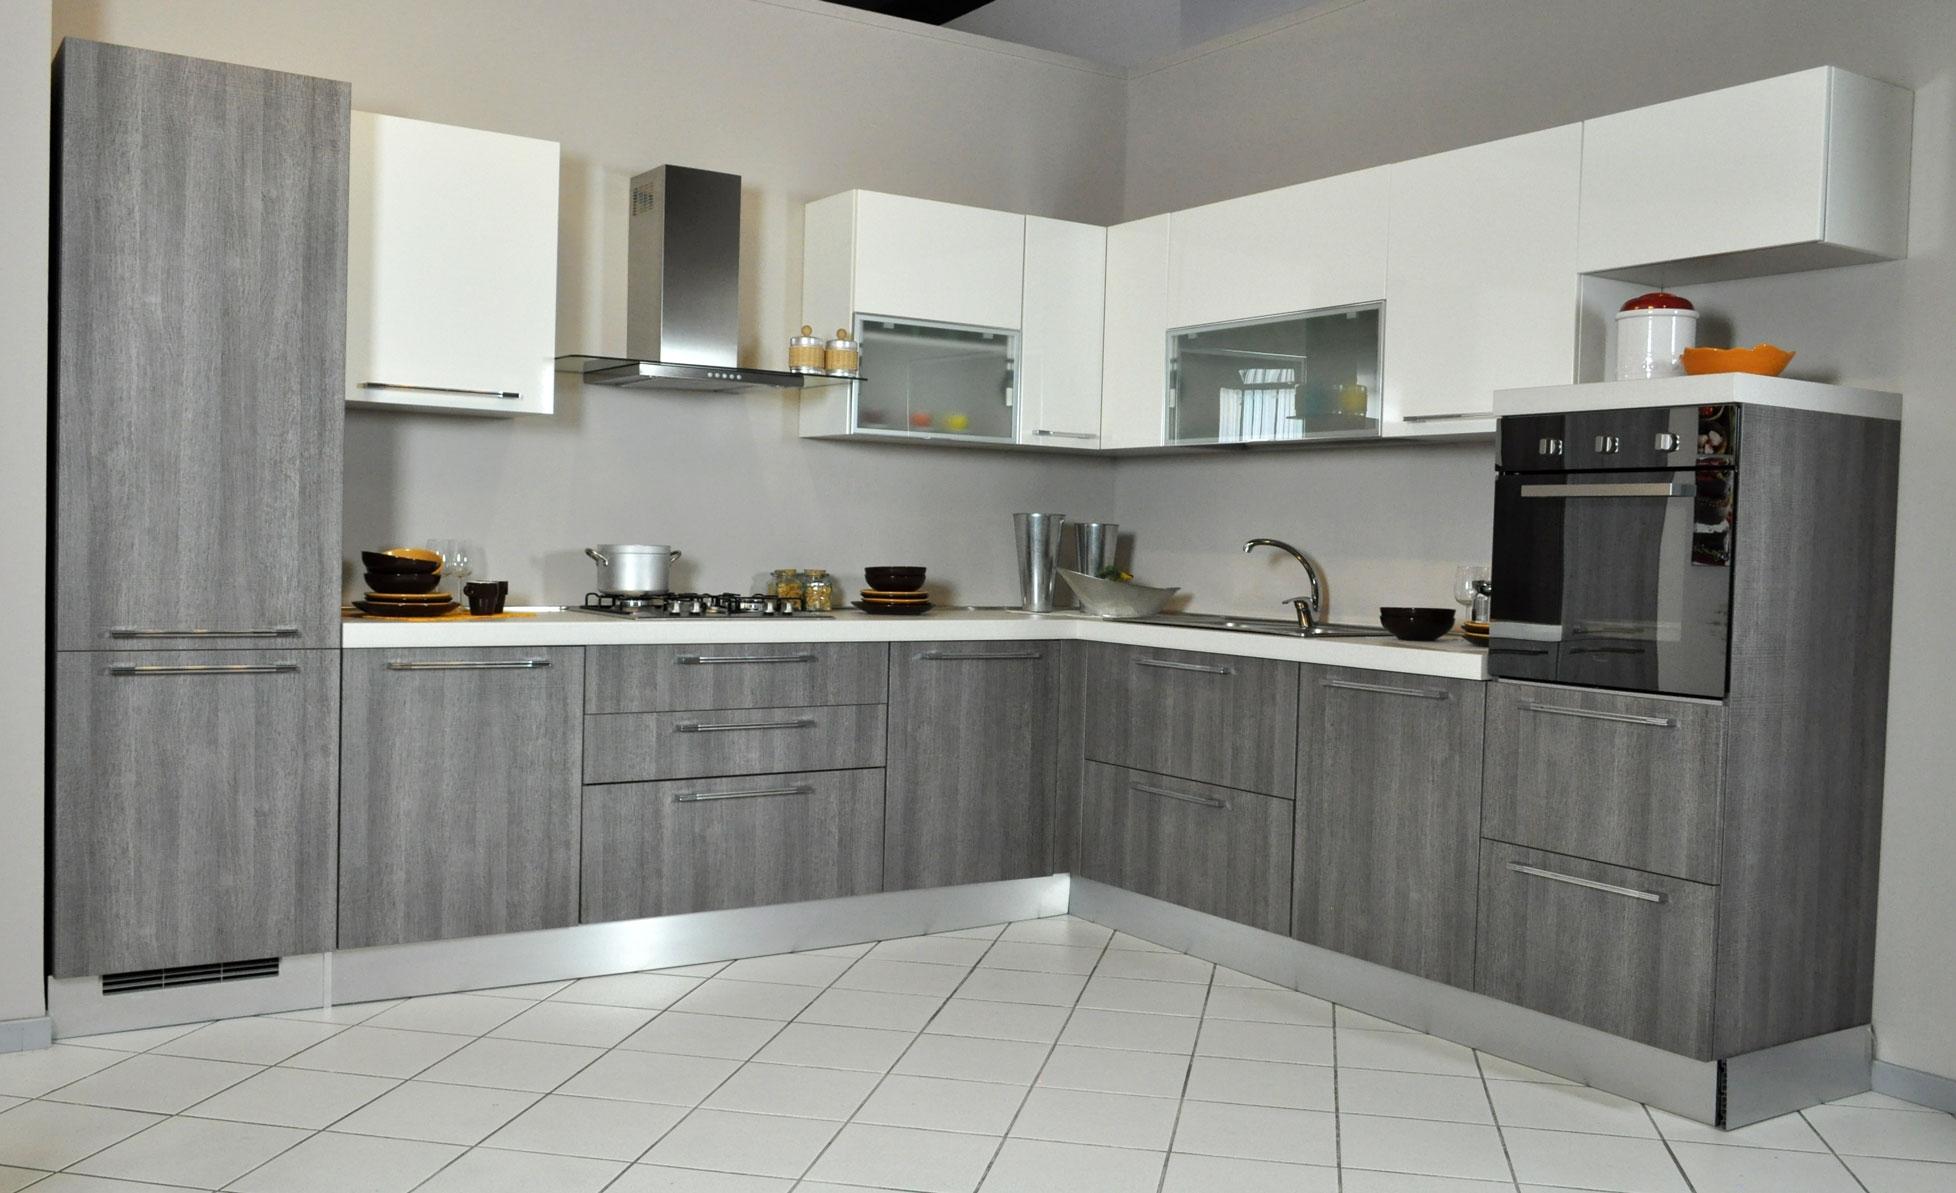 Cucina lube noemi angolare completa di elettrodomestici in saldo cucine a prezzi scontati - Cucina completa angolare ...